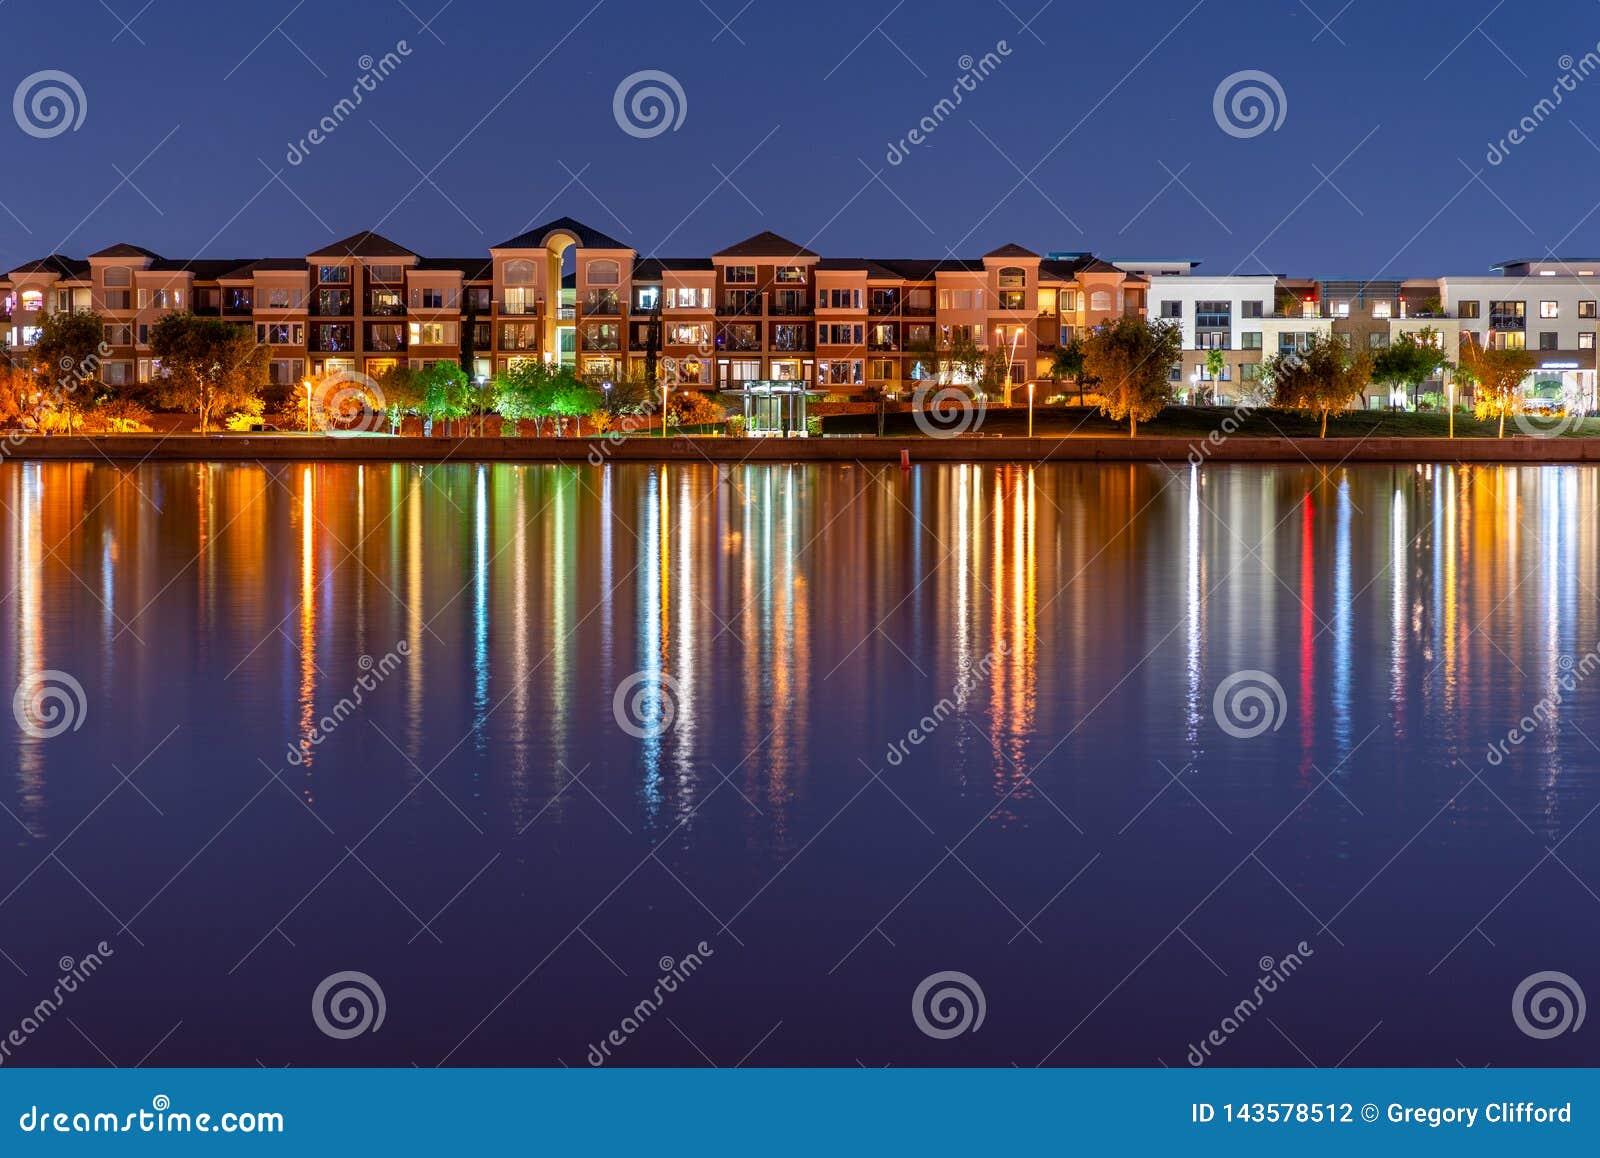 Trendy Lakefront Condos